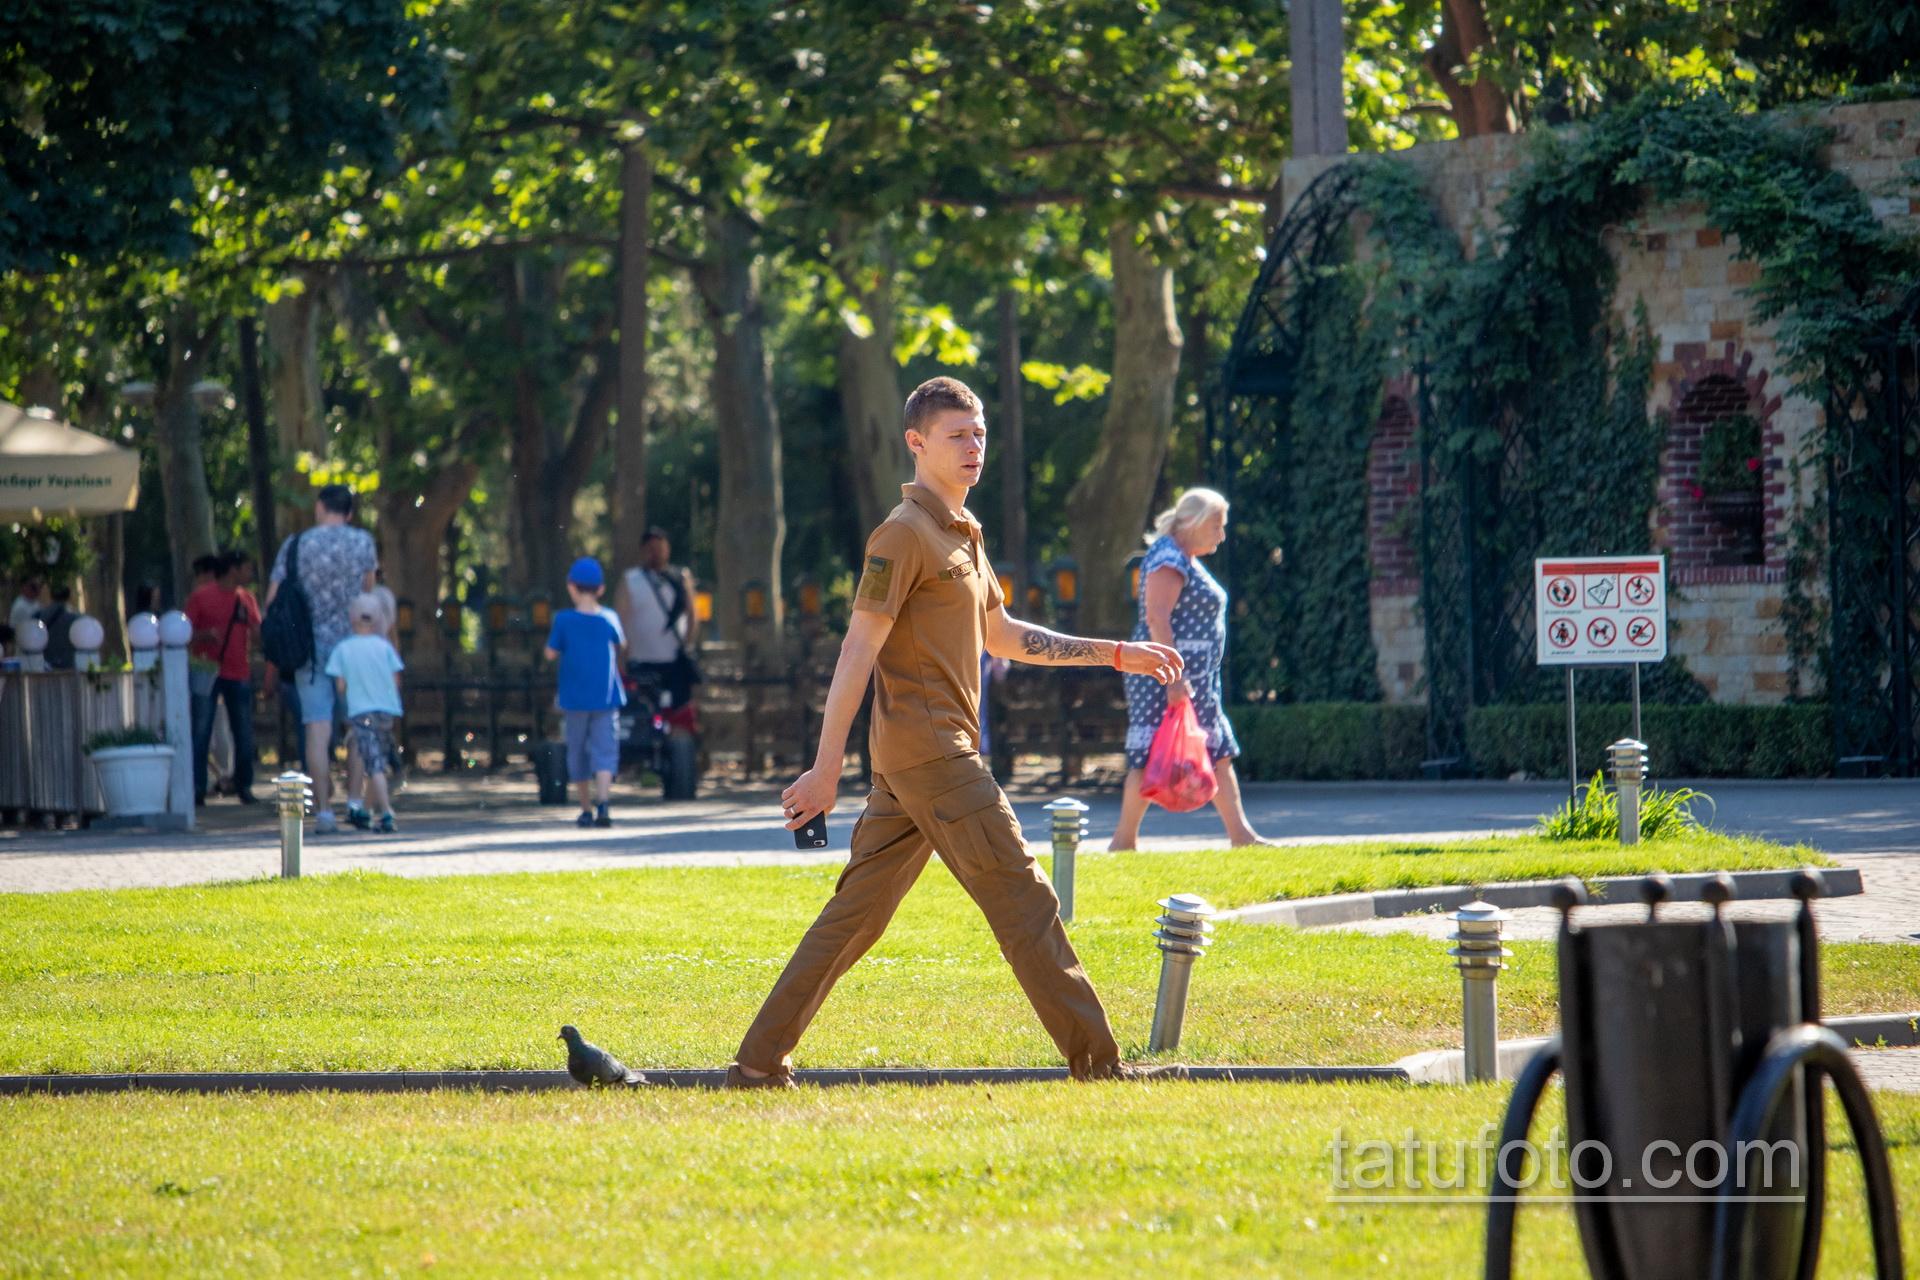 Тату с розой на руке и шее охранника в парке – Уличная татуировка 14.09.2020 – tatufoto.com 1